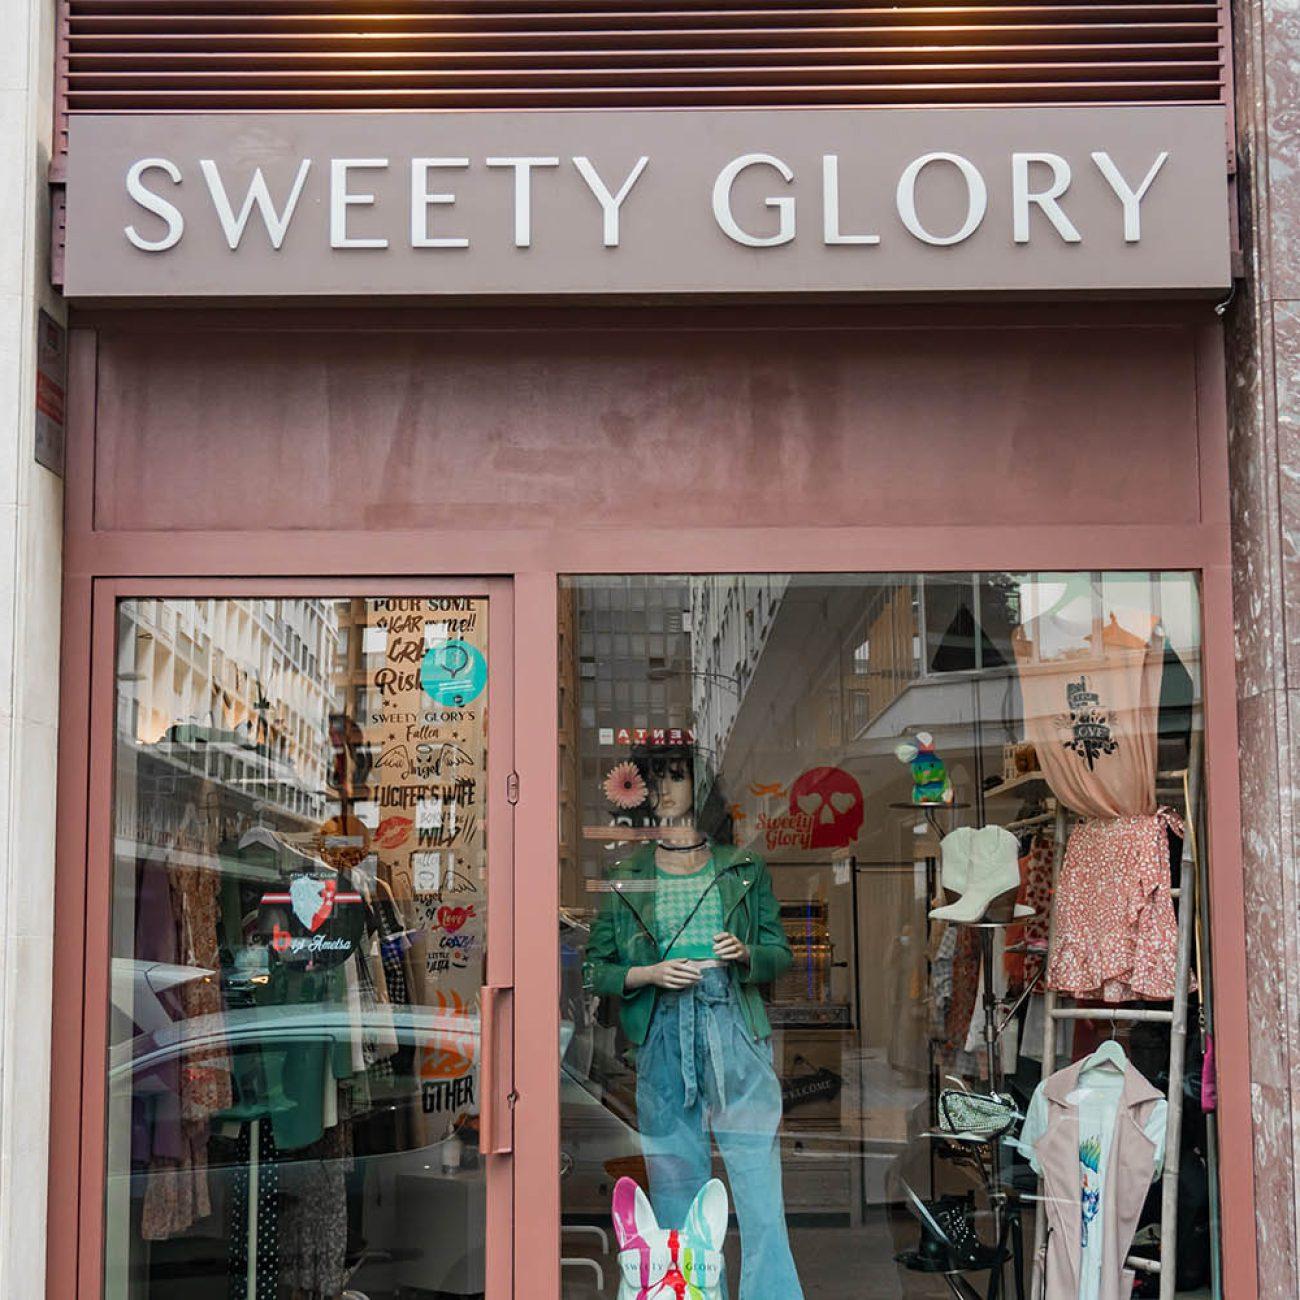 SWEETY GLORY